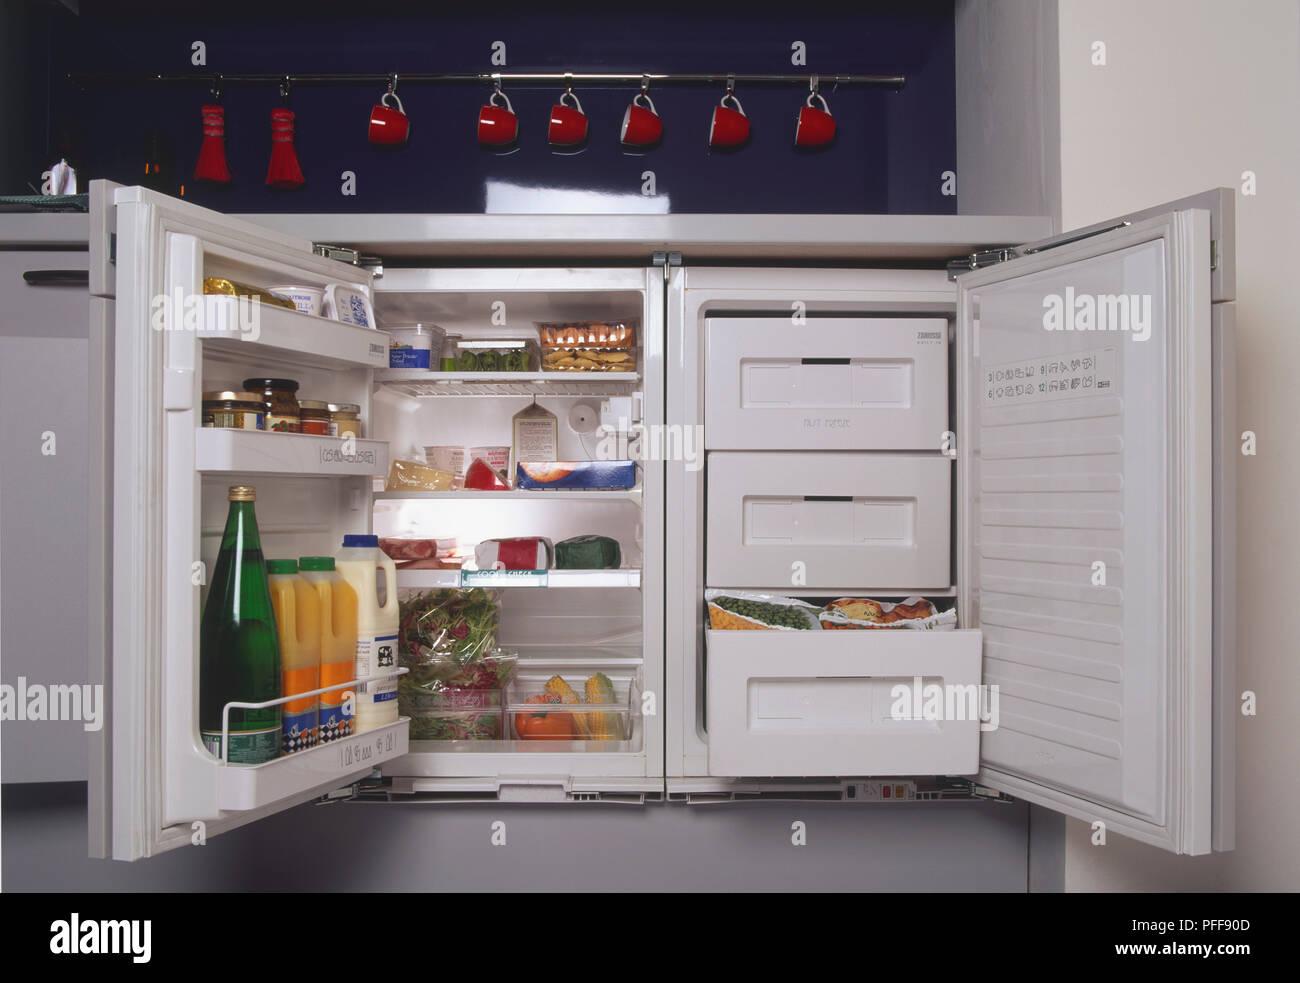 Minibar Kühlschrank Mit Gefrierfach : Kleine kuehlschraenke mit gefrierfach aktuelle mini